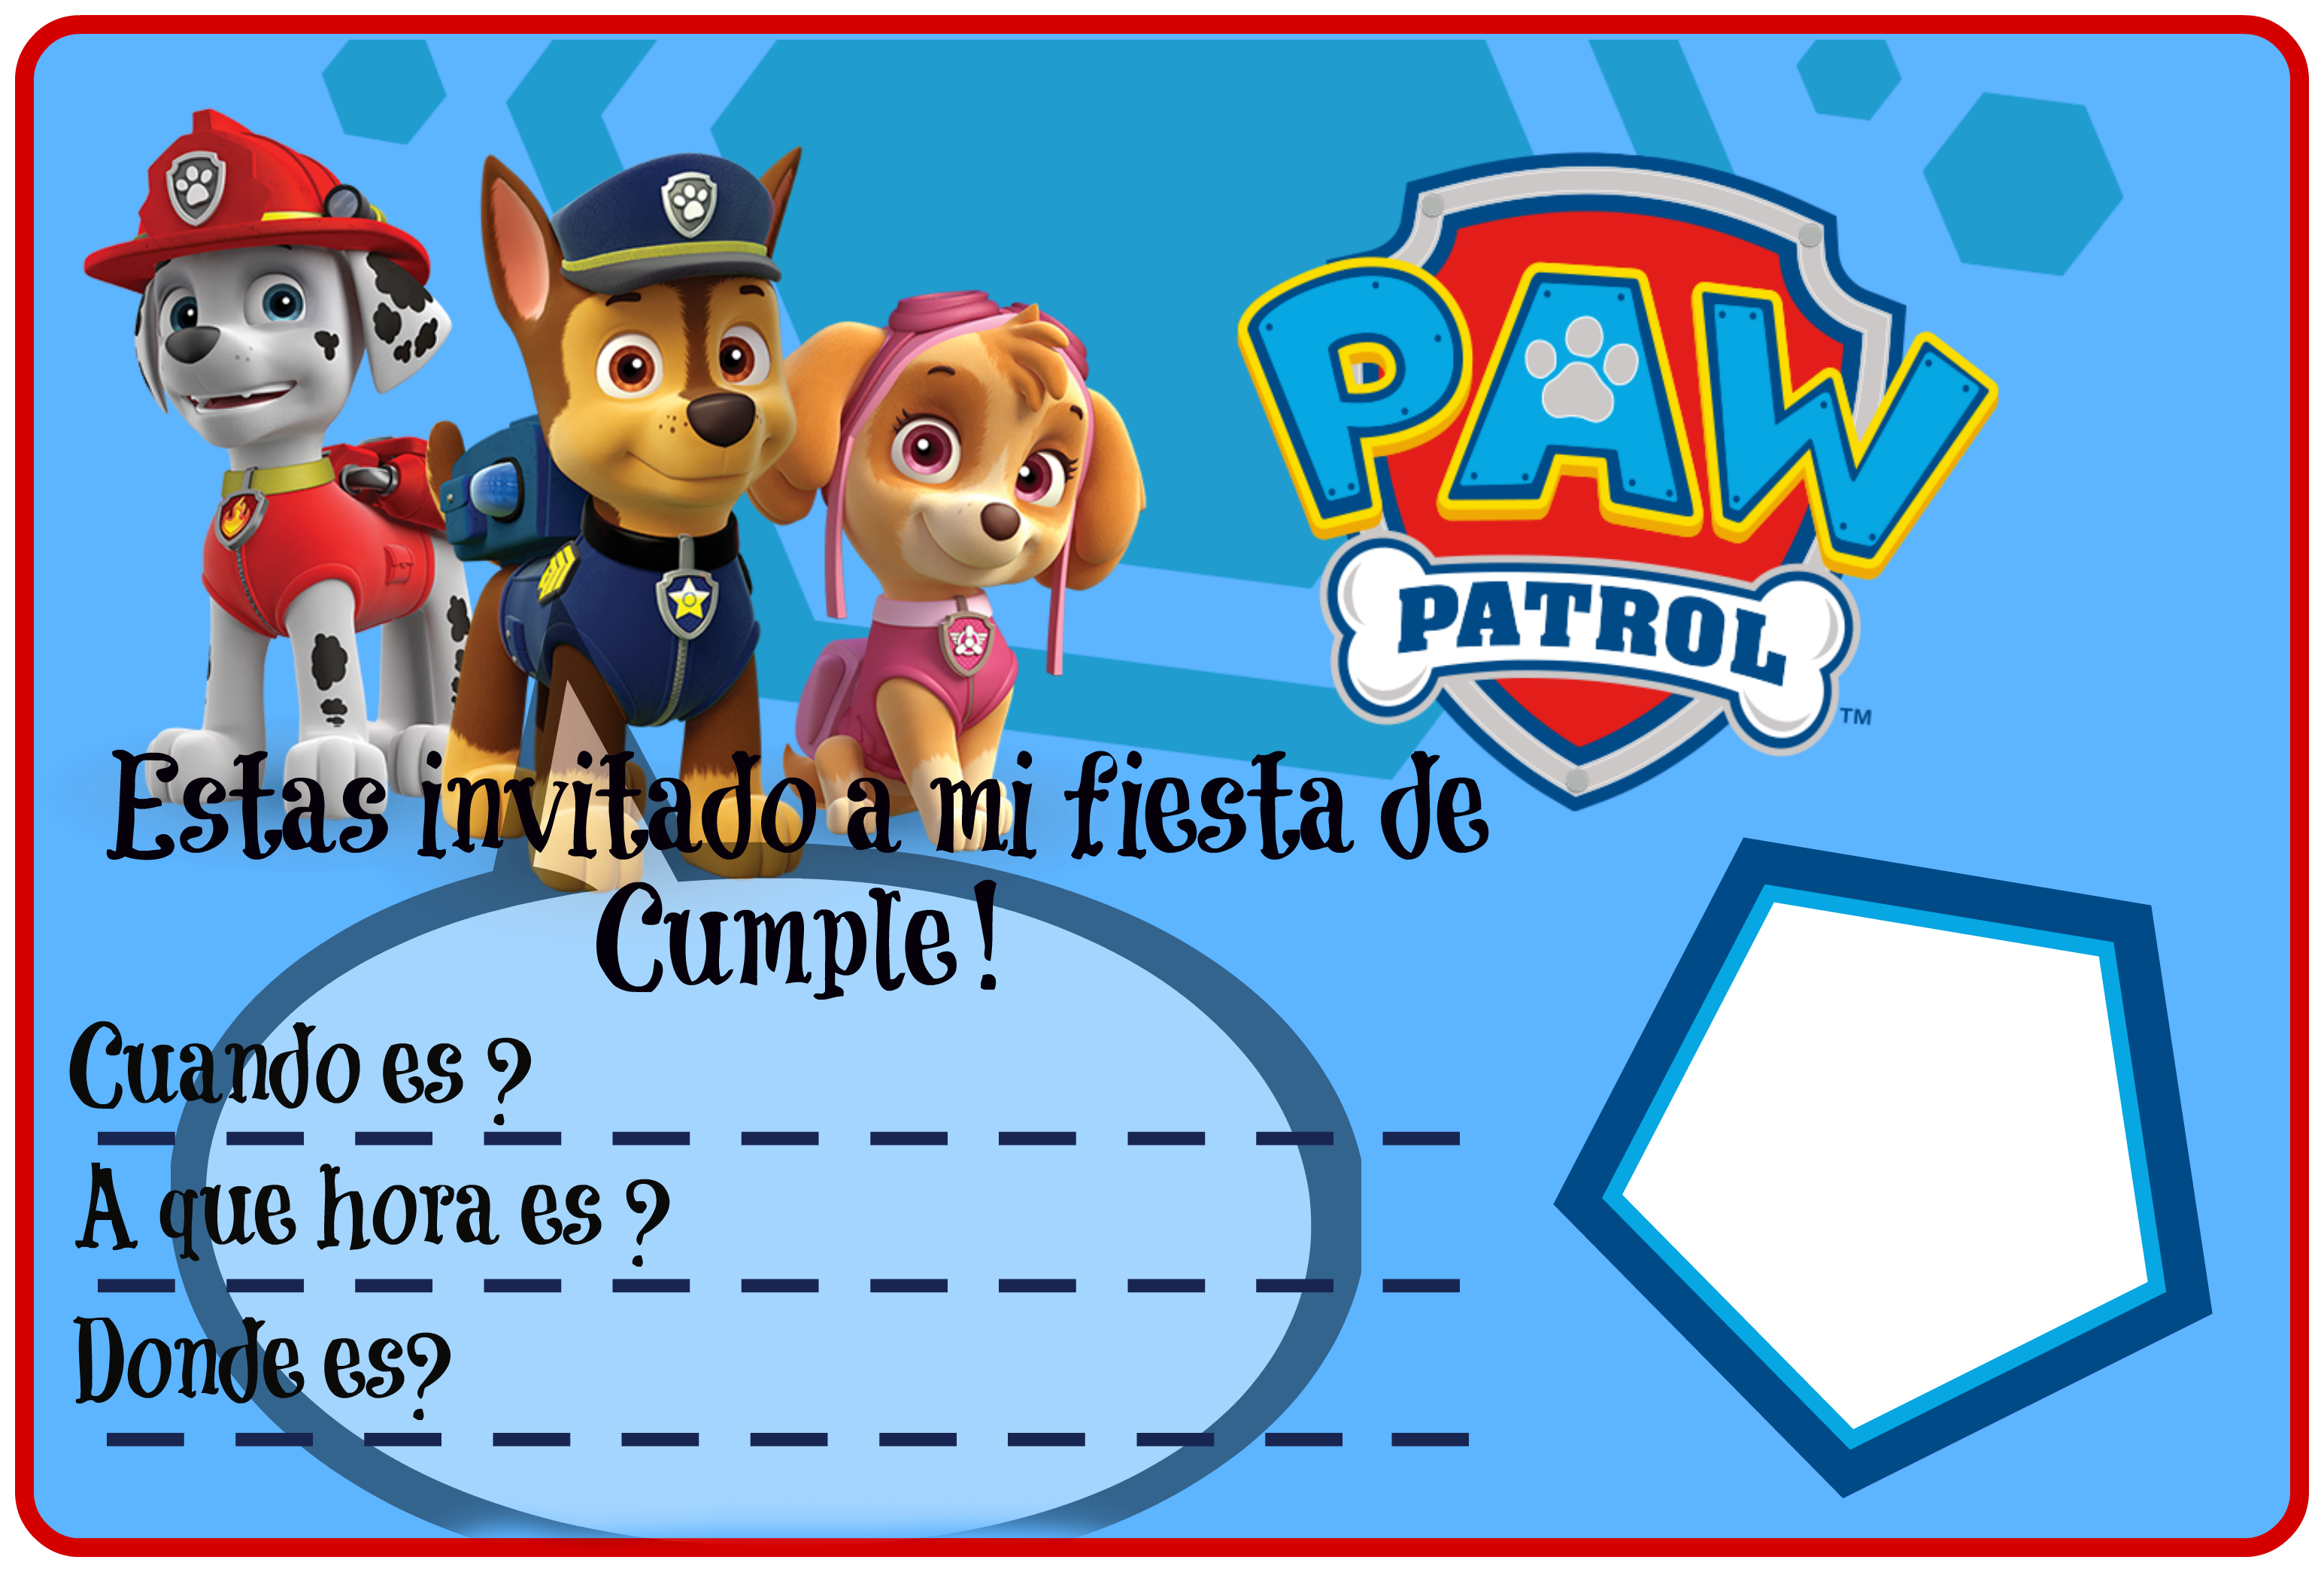 Invitación De Cumple Invitacion Cumpleaños Patrulla Canina Tarjetas De Cumpleaños Para Imprimir Tarjetas De Cumpleaños Para Imprimir Gratis